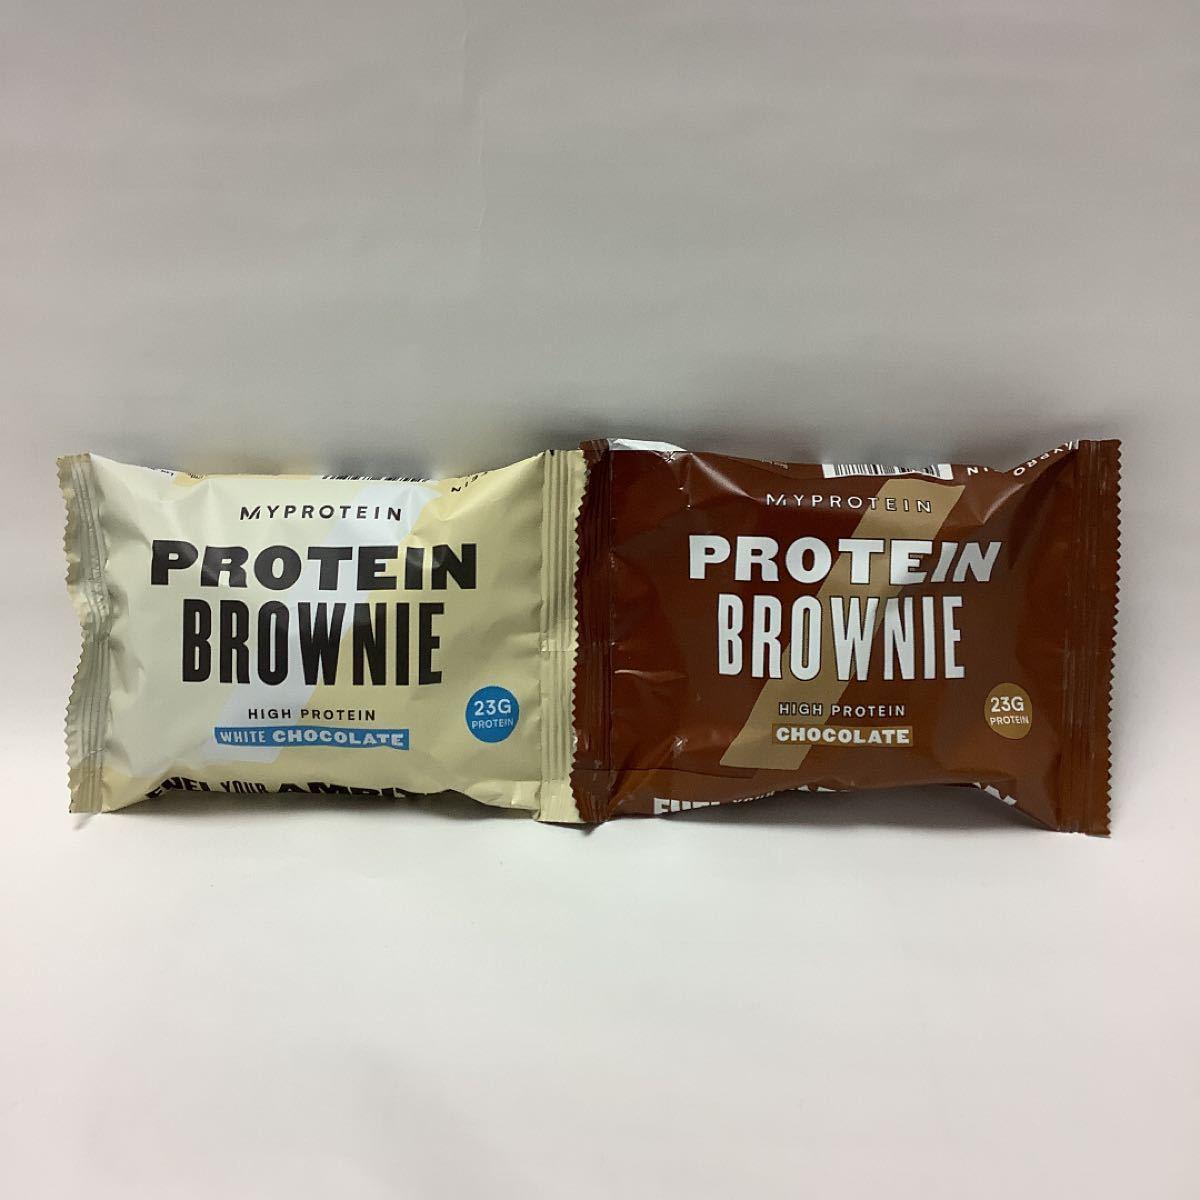 ブラウニー マイ プロテイン チョコレート マイプロテインのチョコレートブラウニー味レビュー<ホエイプロテイン>